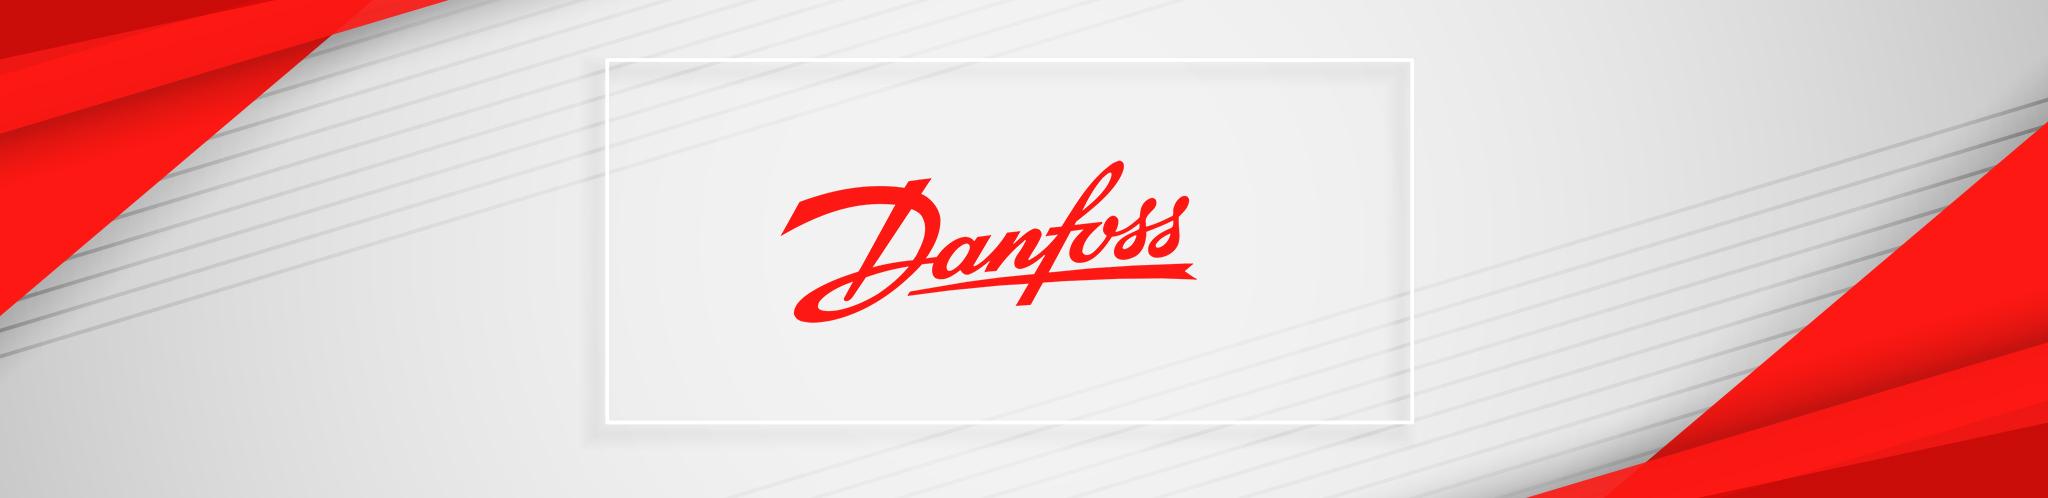 Danfoss Yerden Isıtma Fiyat Listesi